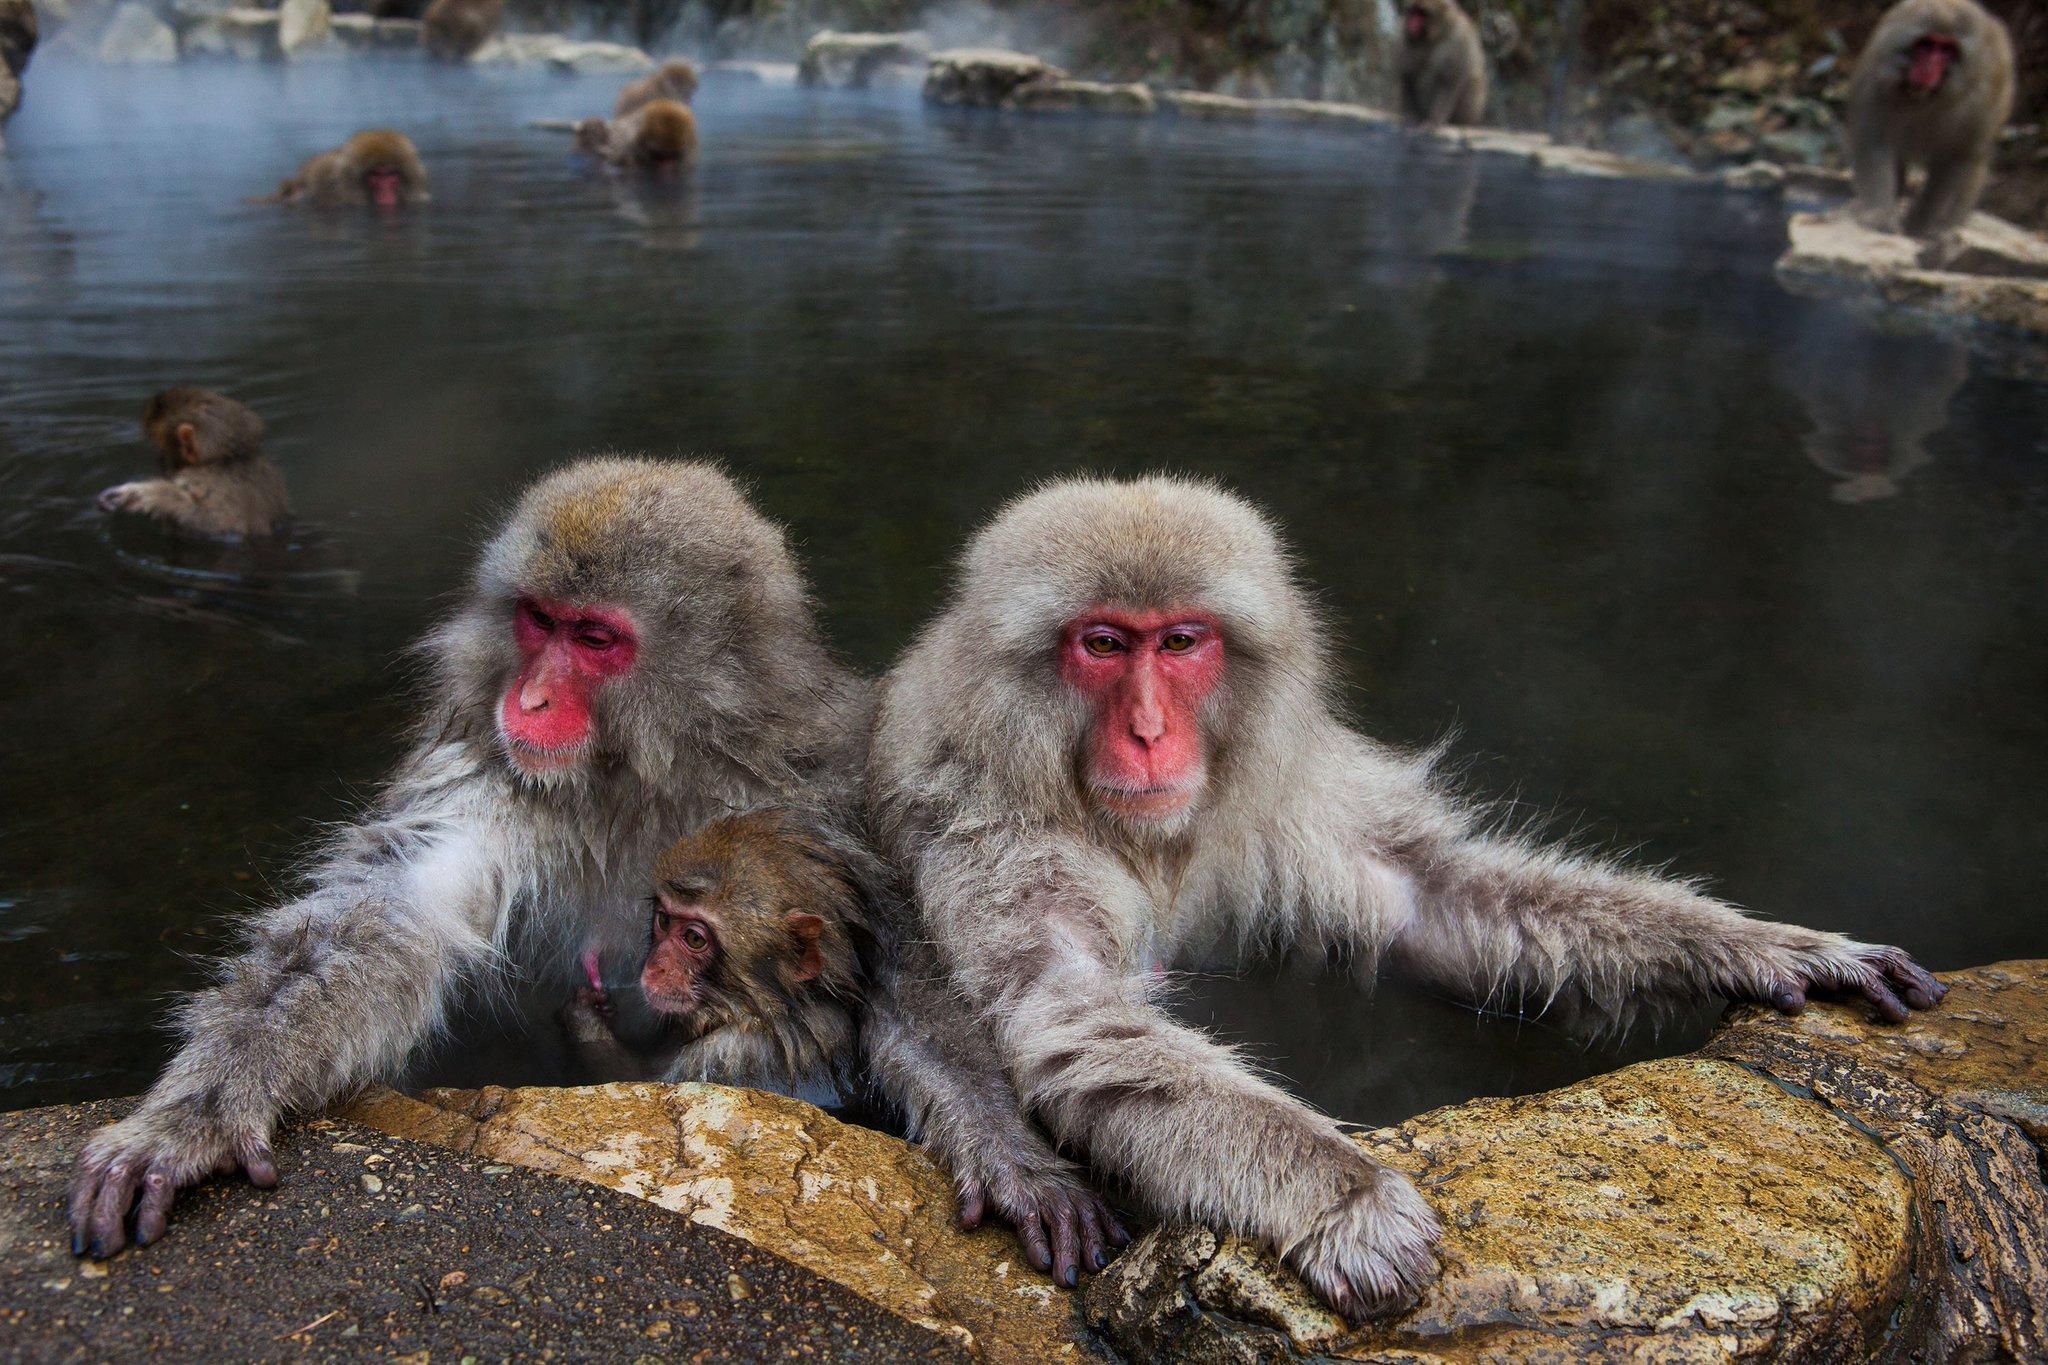 обезьяны и вода картинки пожалуй, небольшой